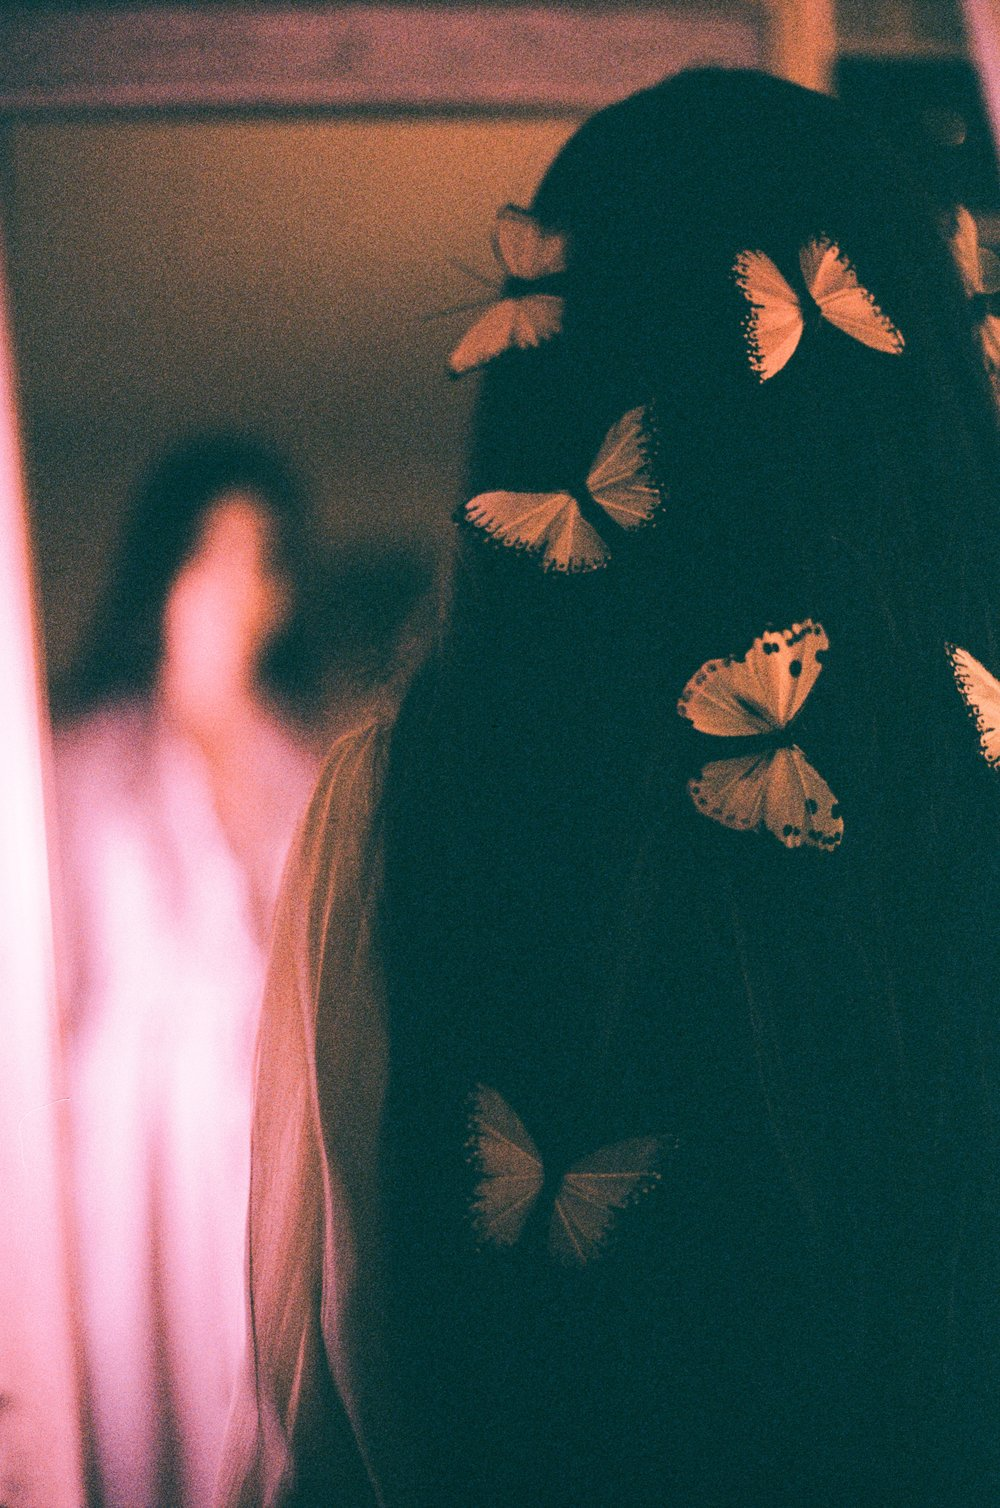 Butterflies + a reflection on Kodak Gold 200 35 mm film